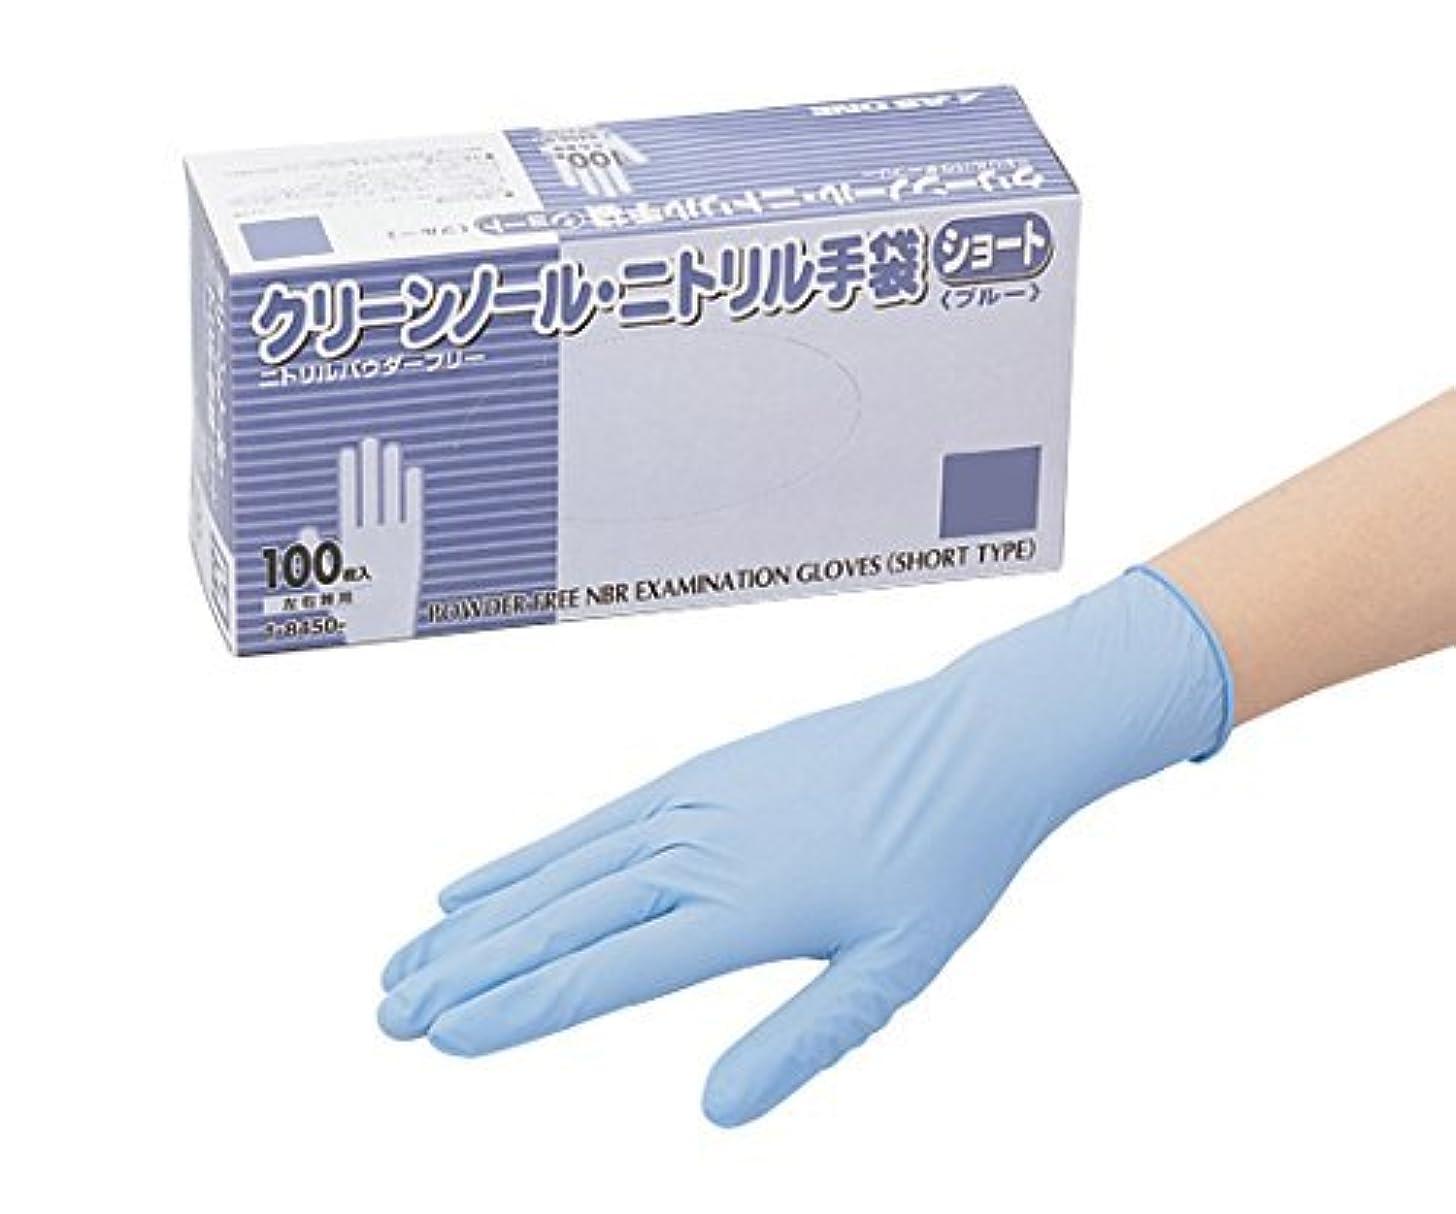 コピー順番できるアズワン1-8450-24クリーンノールニトリル手袋ショート(パウダーフリ-)ブルーSS100枚入